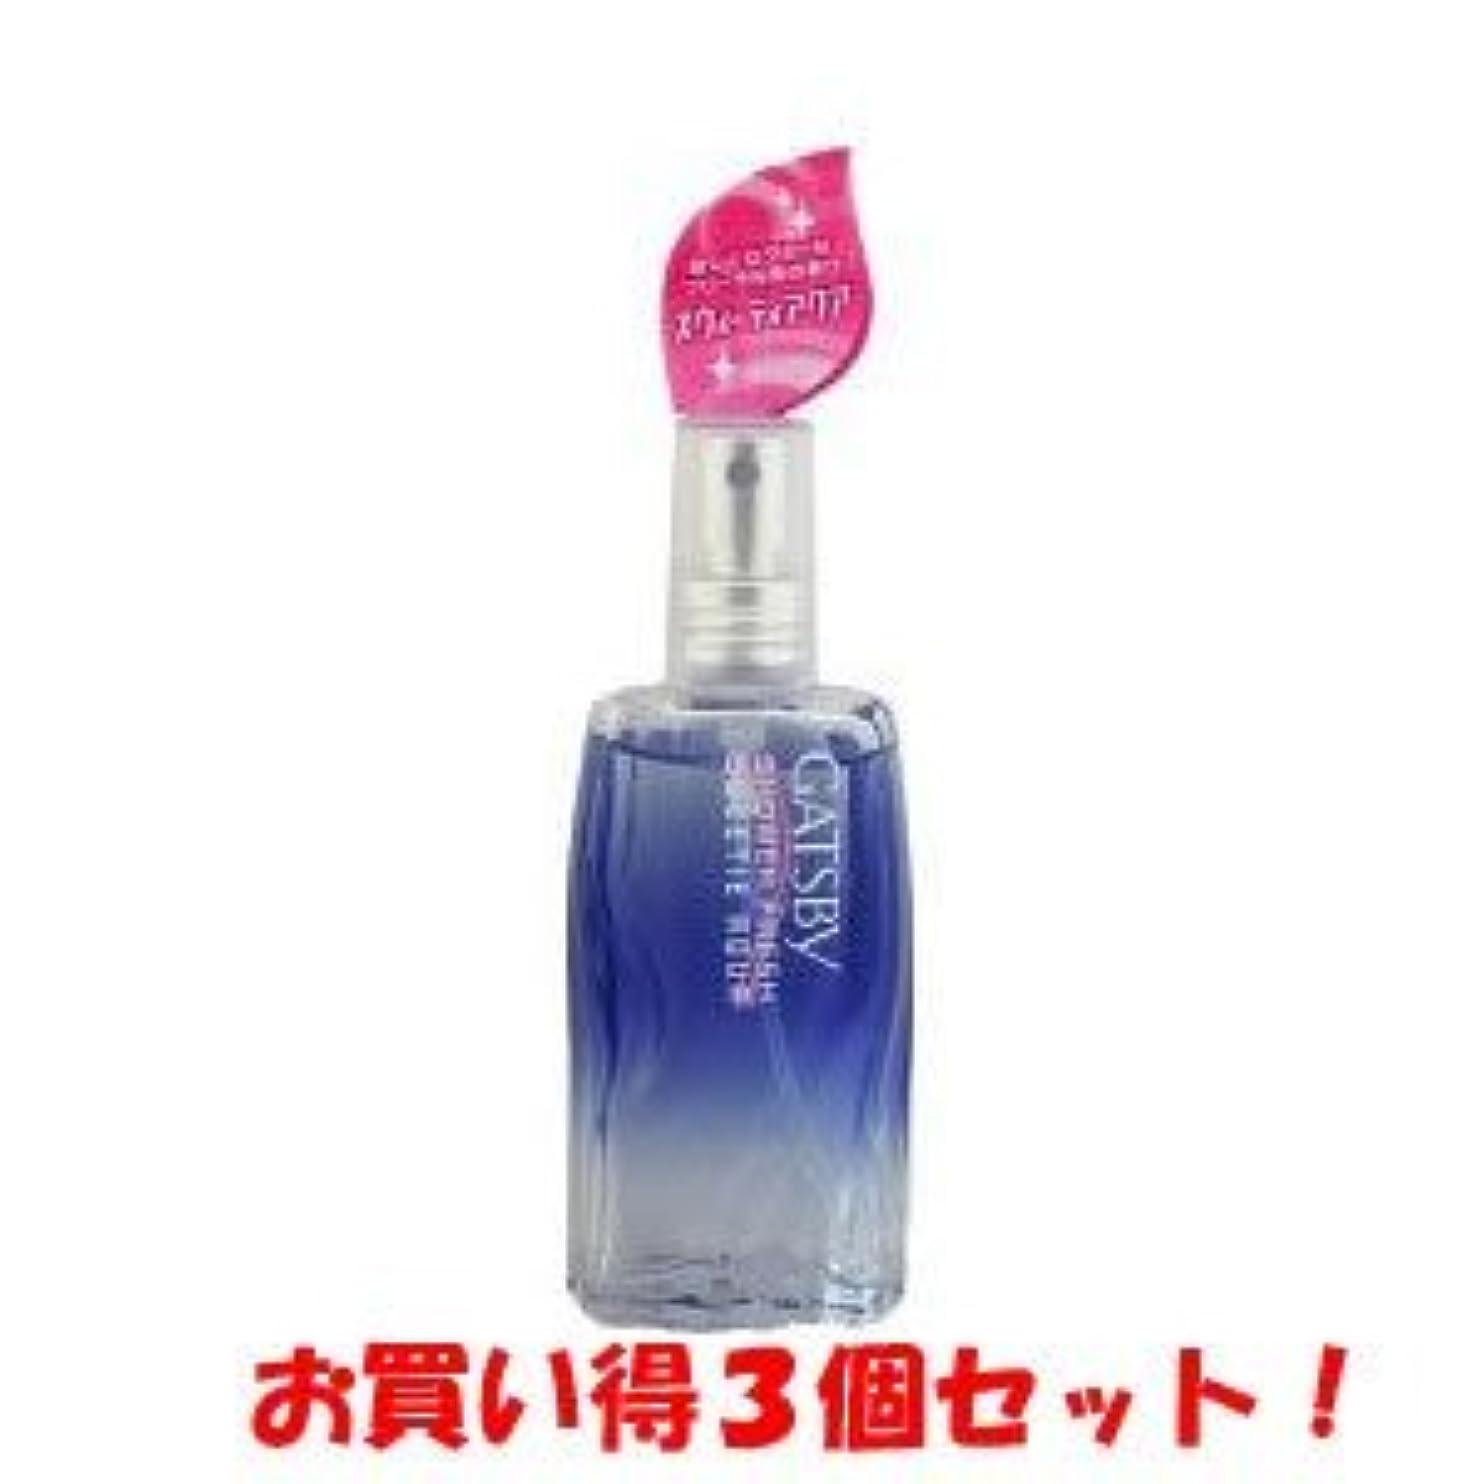 地中海ミル結晶ギャツビー【GATSBY】シャワーフレッシュ スウィーティアクア 60ml(お買い得3個セット)